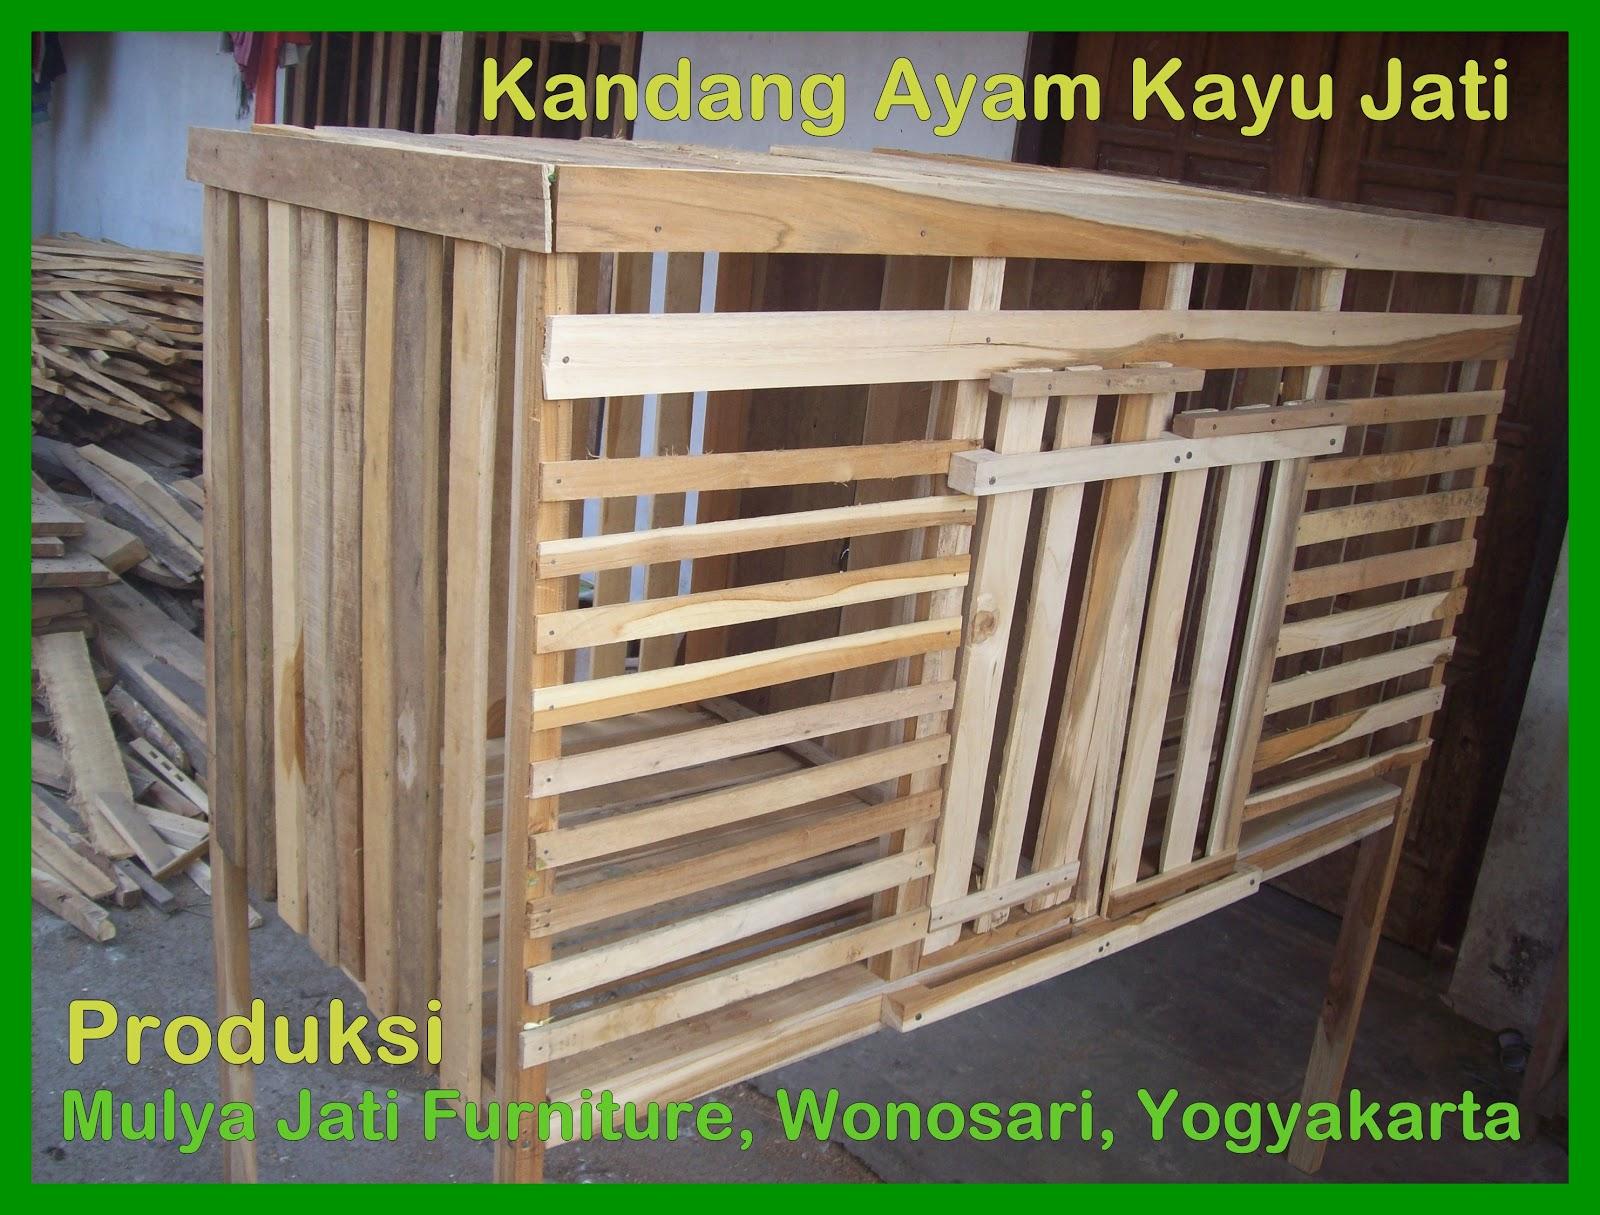 Mulya Jati Furniture Kandang Ayam Kayu Jati